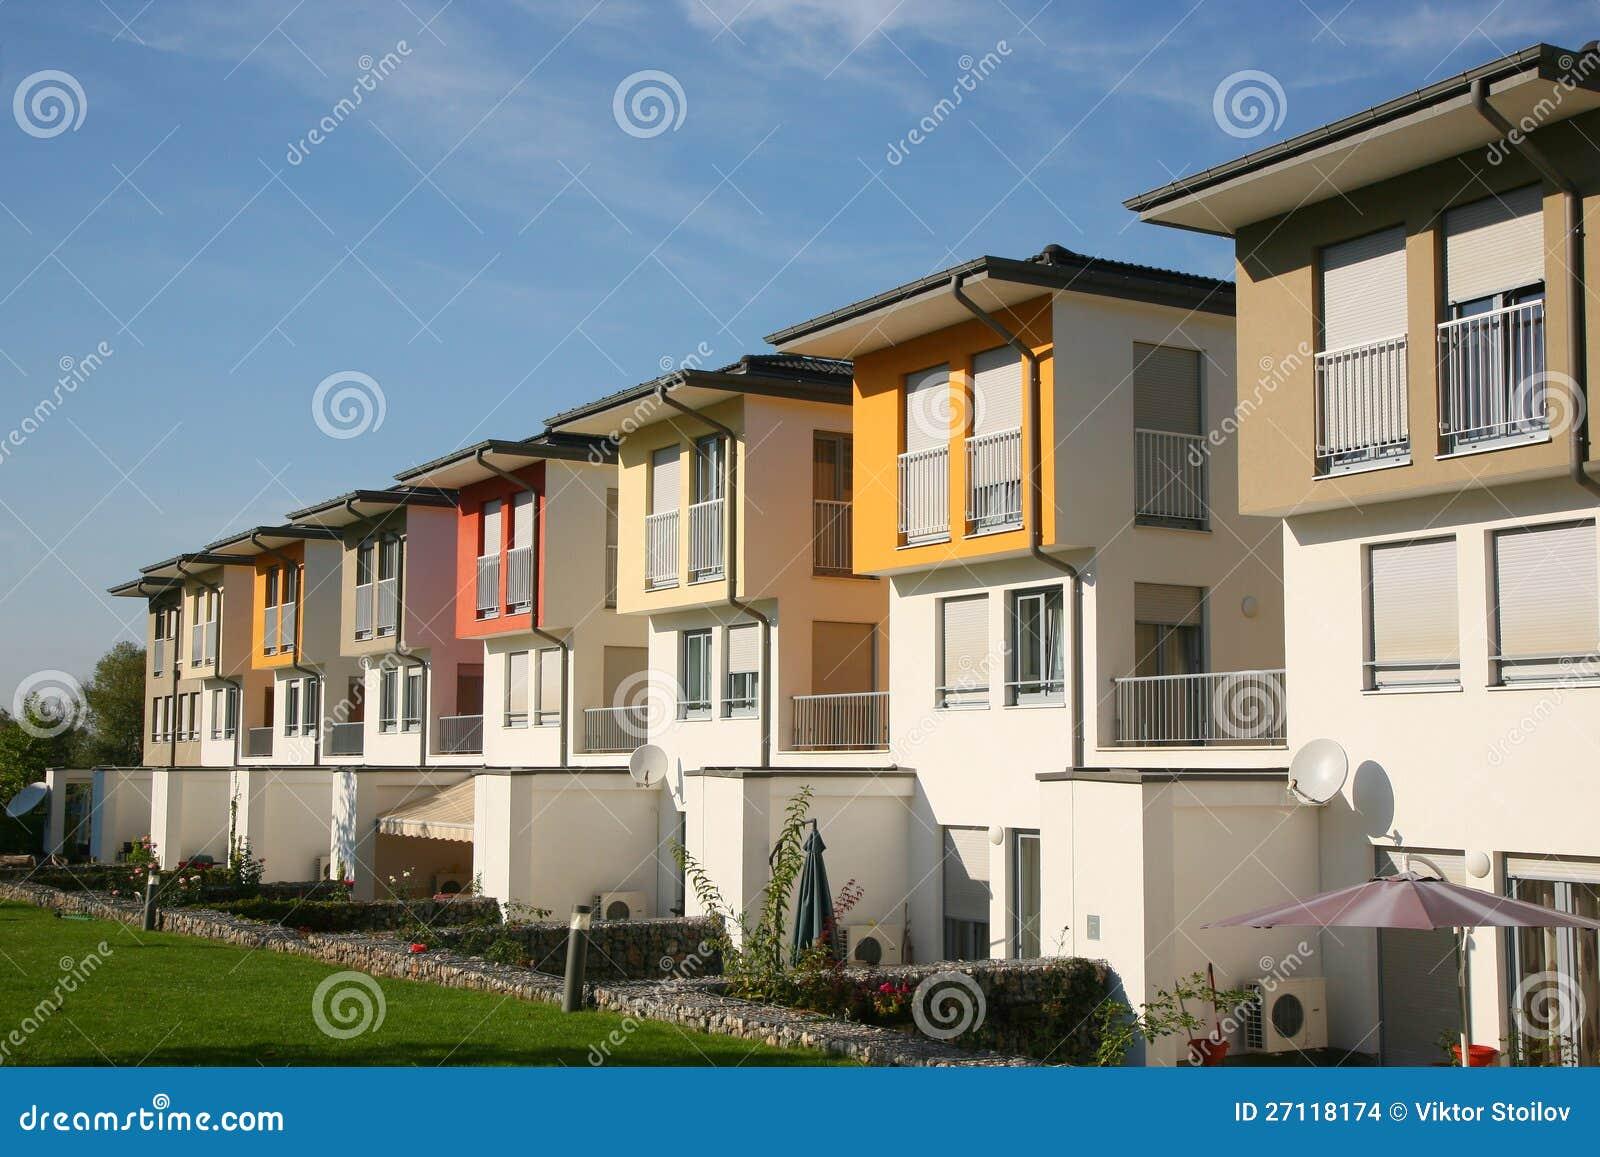 Residential houses stock photo. Image of modern, garden ...